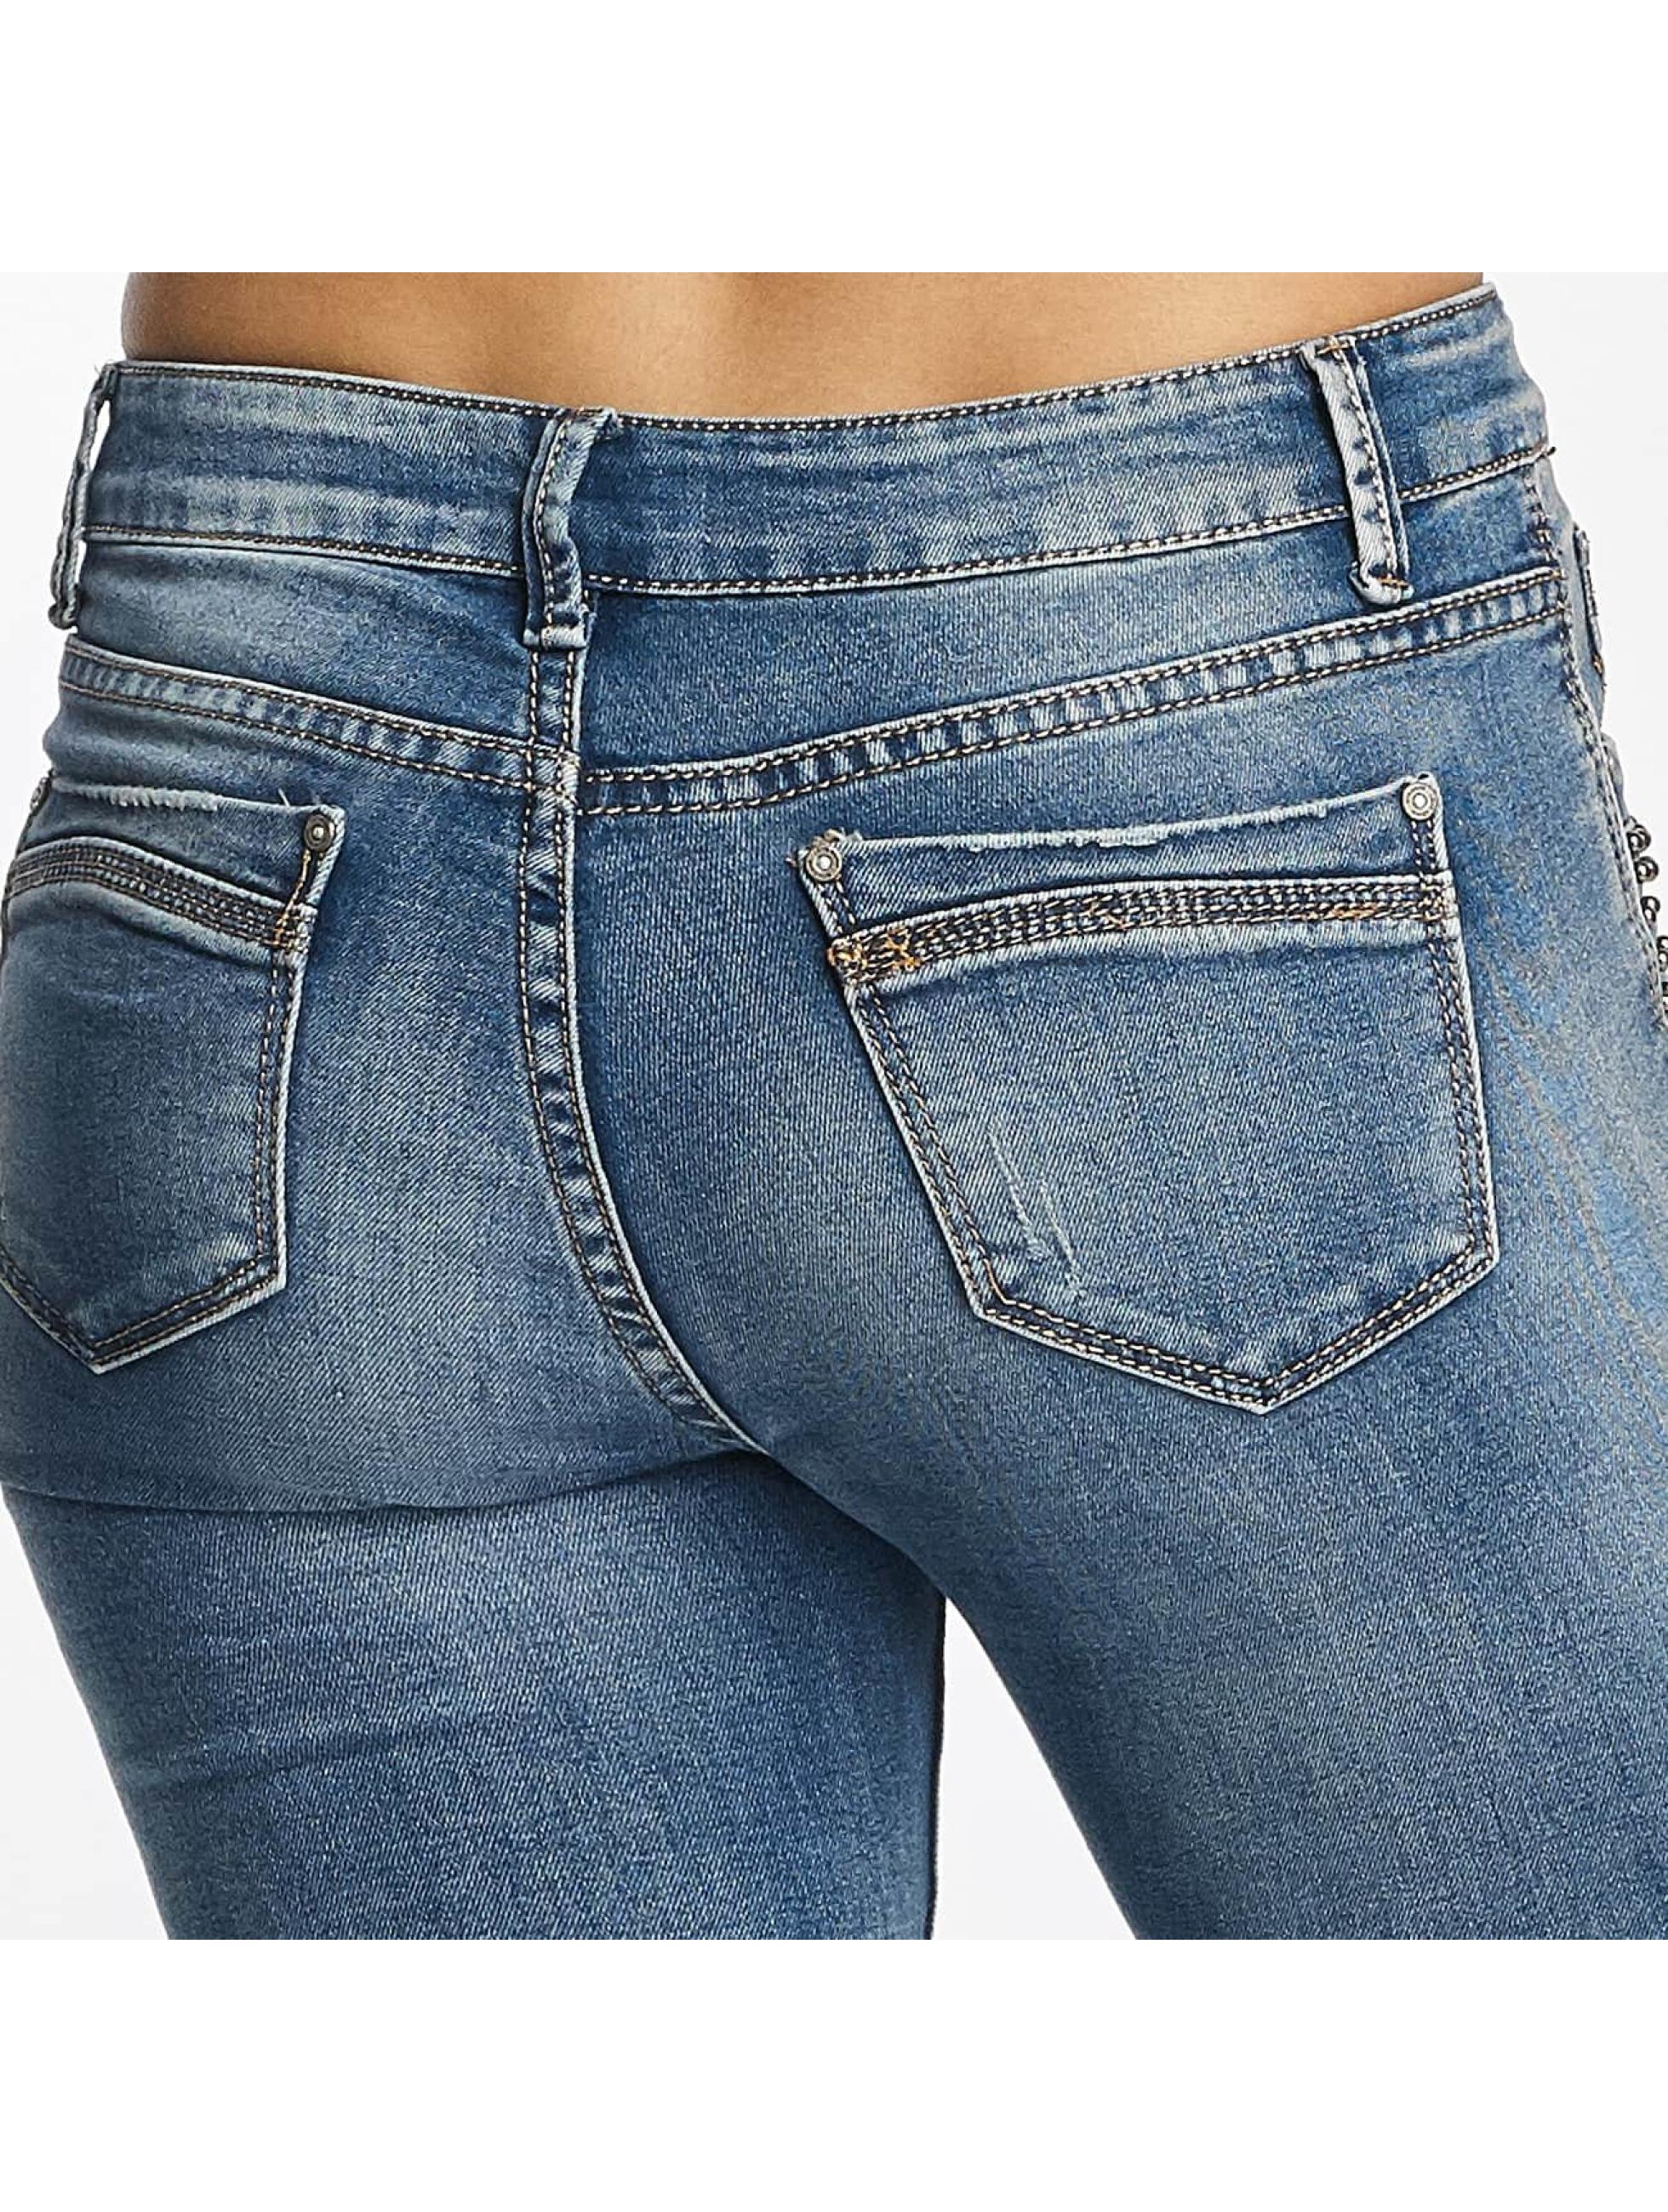 Hailys Облегающие джинсы Ines Destroyed синий